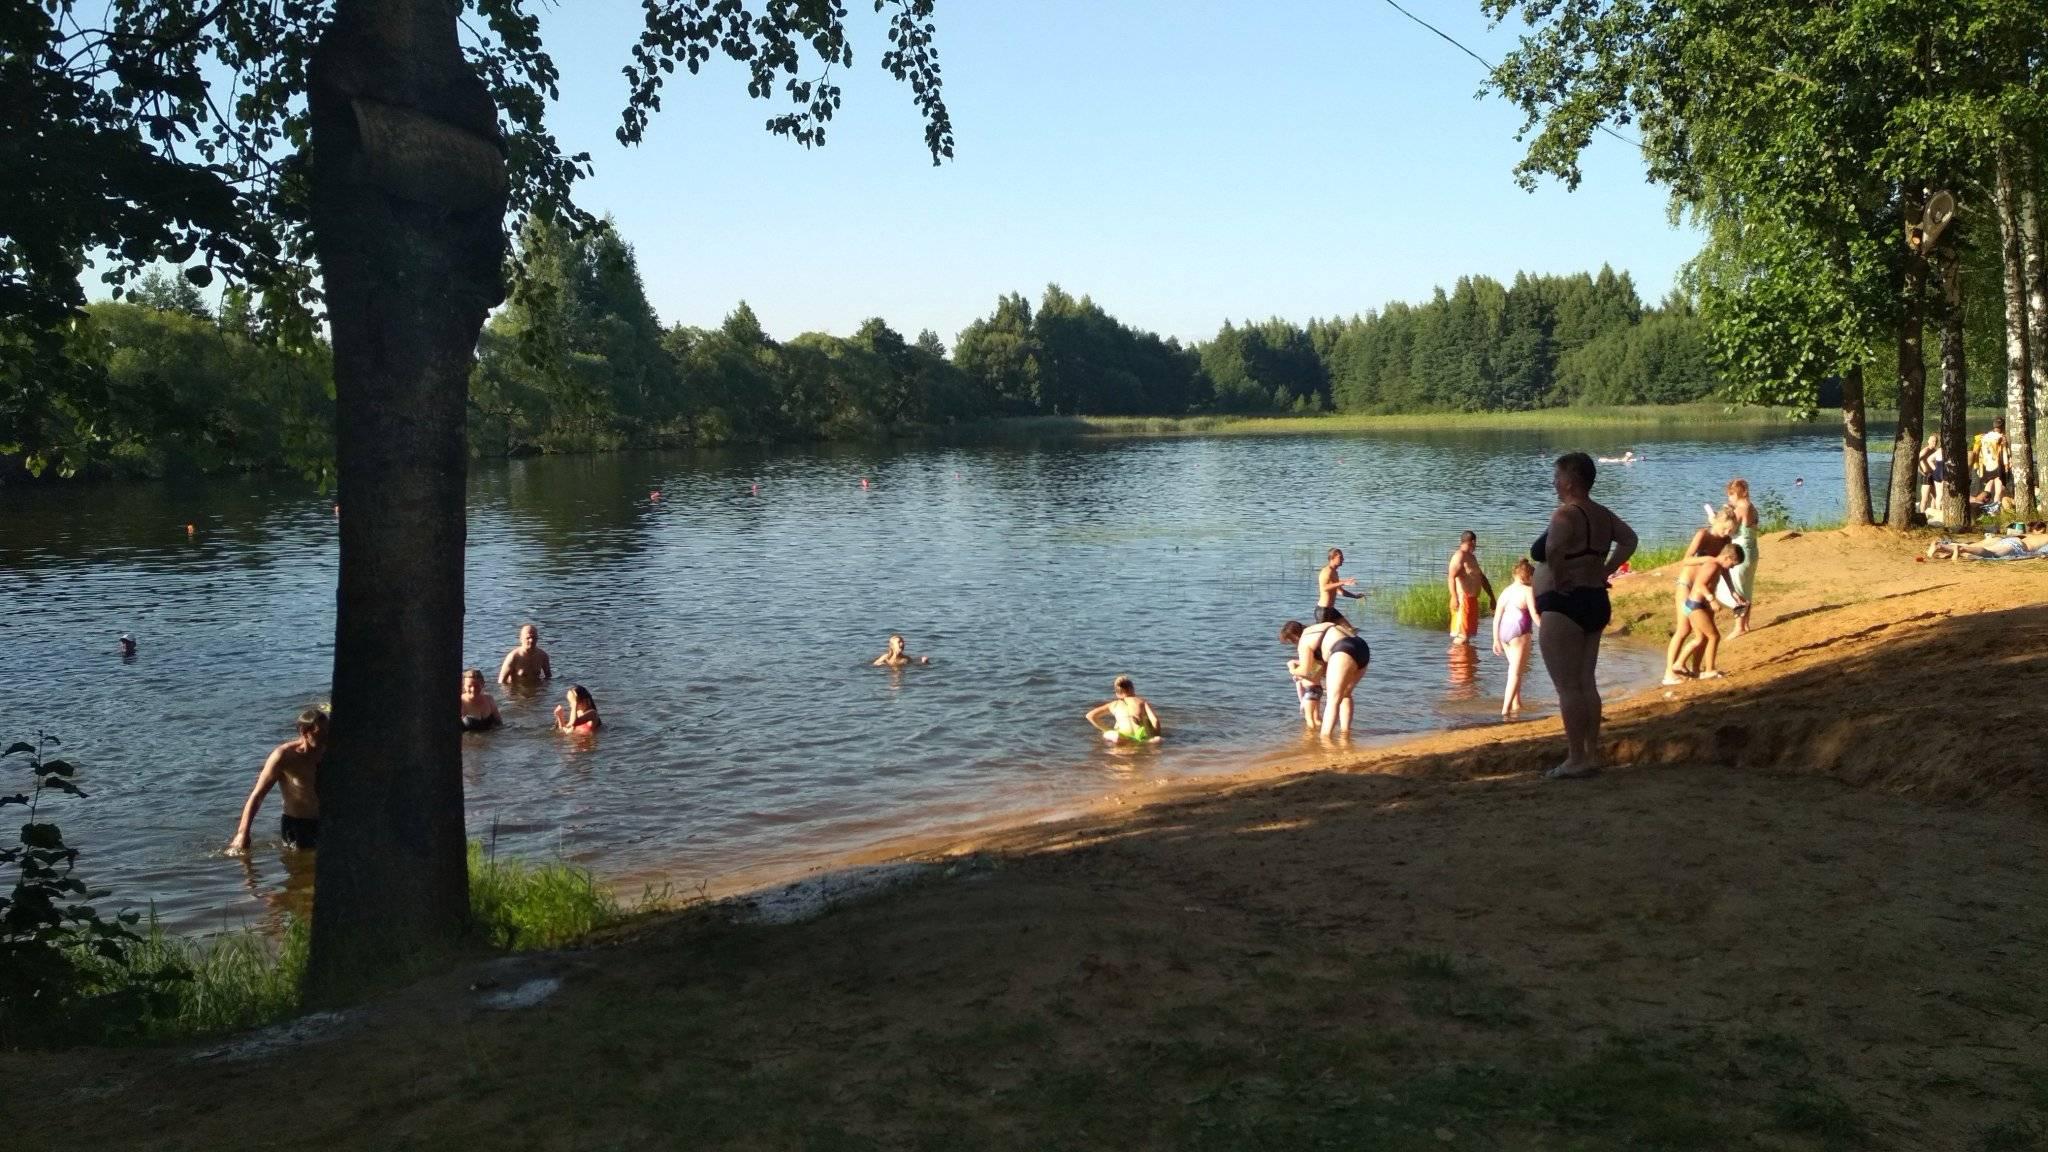 Золотой пляж в зеленогорске: как добраться, фото 2020, инфраструктура, отели — туристер.ру